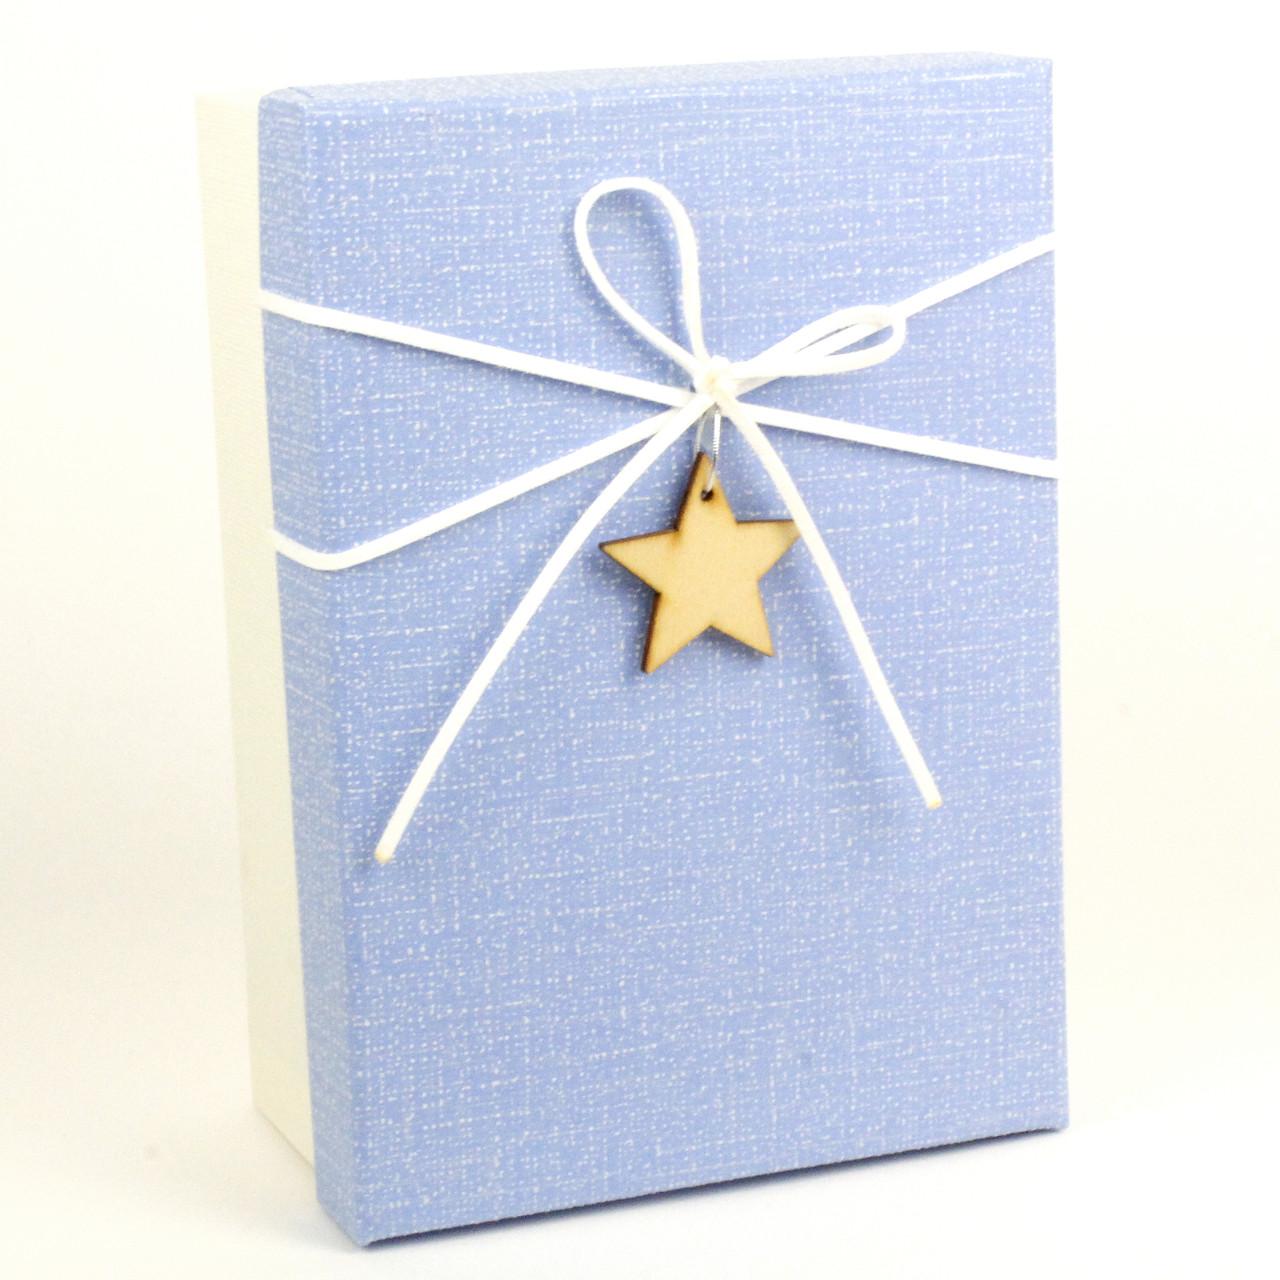 Подарочная коробка My Little Star голубая 20 x 14 x 8 см